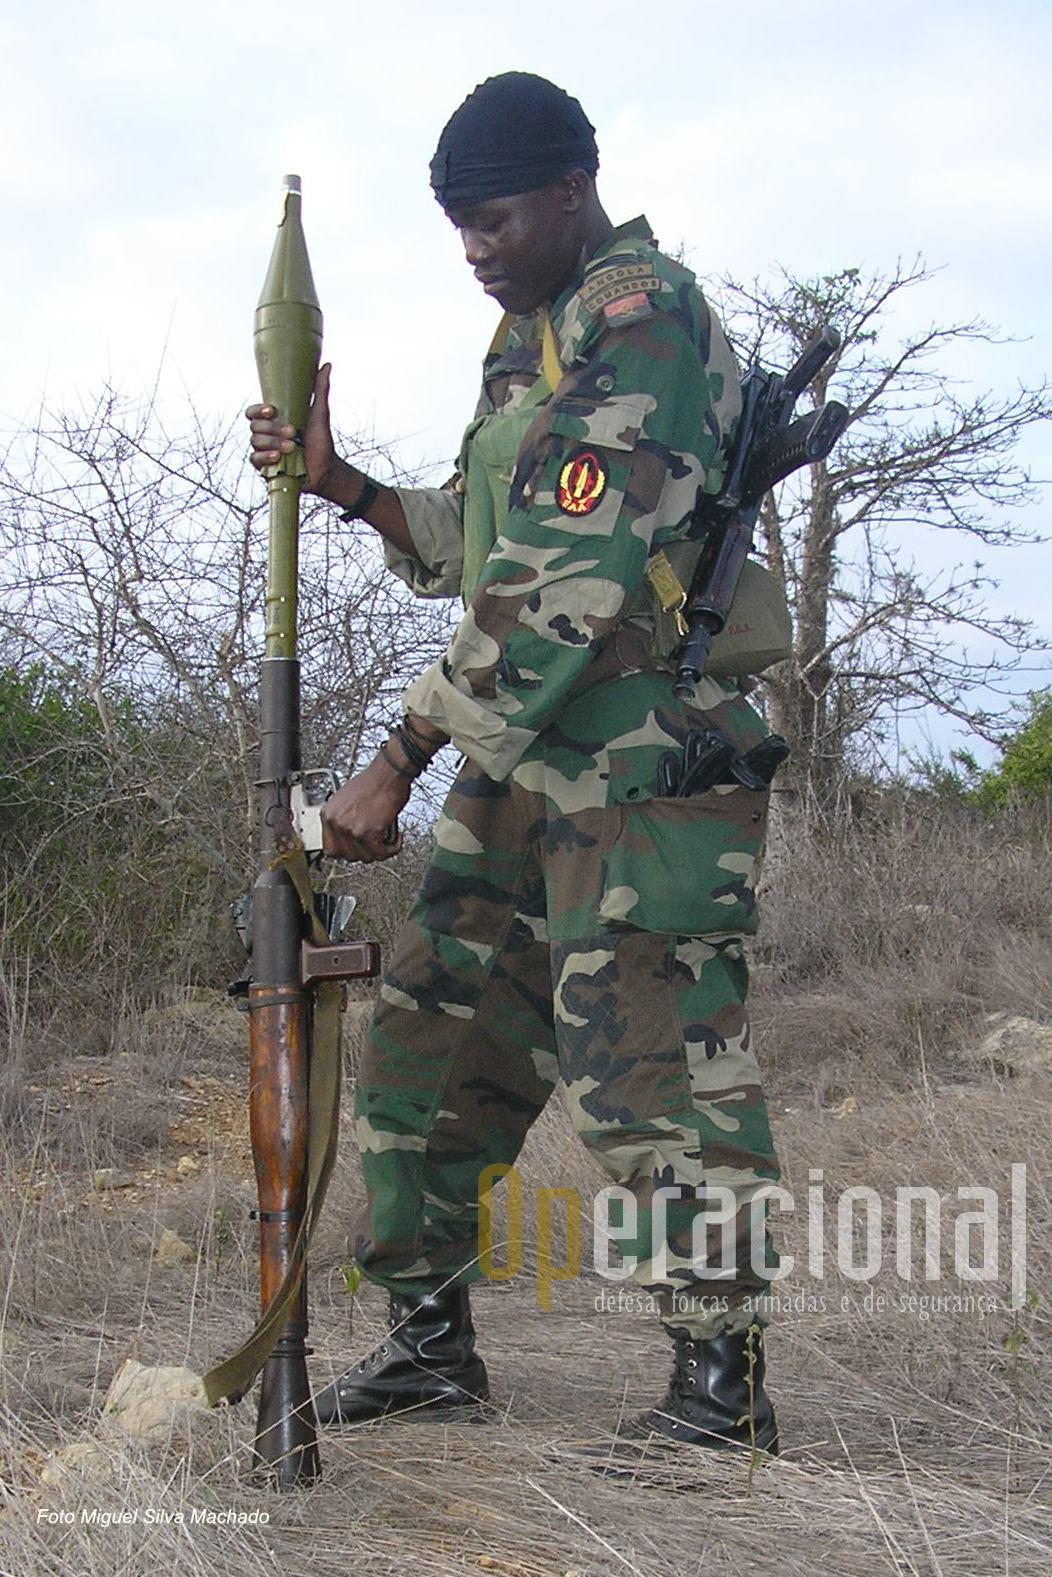 O velho e robusto RPG 7 é uma arma temível e continua a ser usado um pouco por todo o mundo